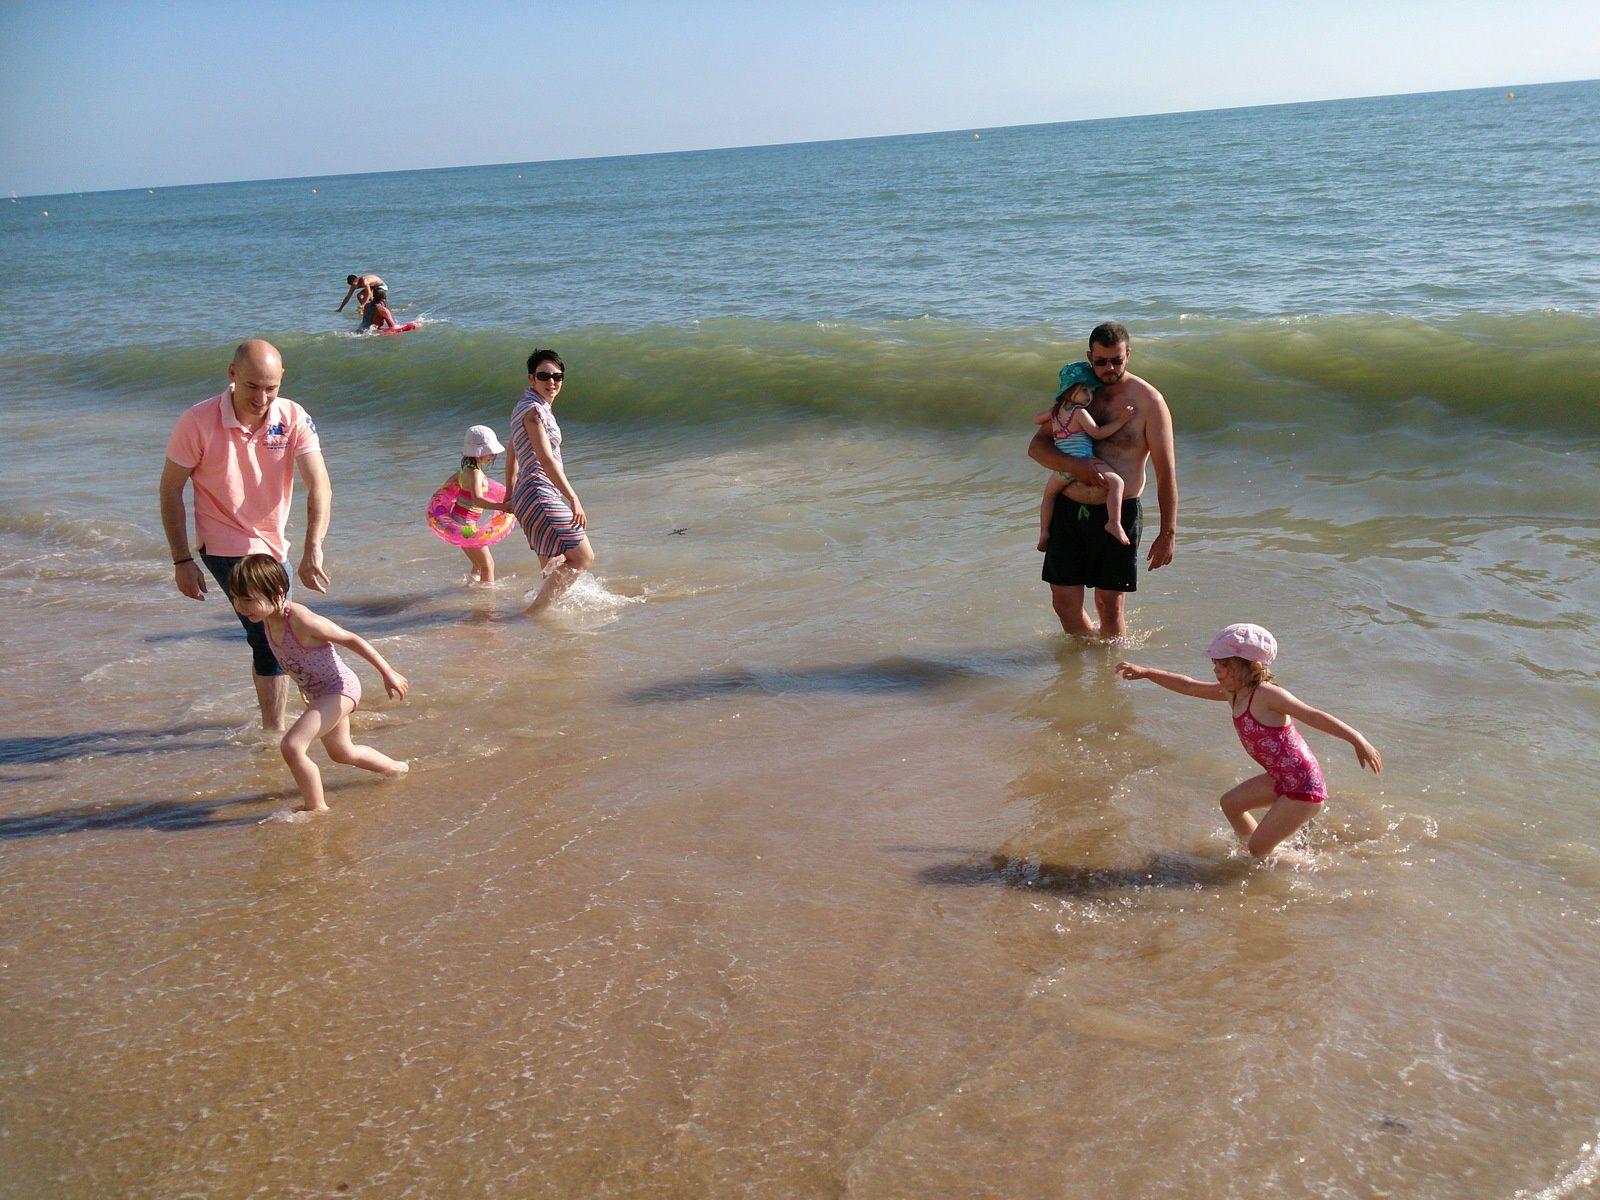 1er jour, 1ere baignade avec la chance de profiter de belles vagues !